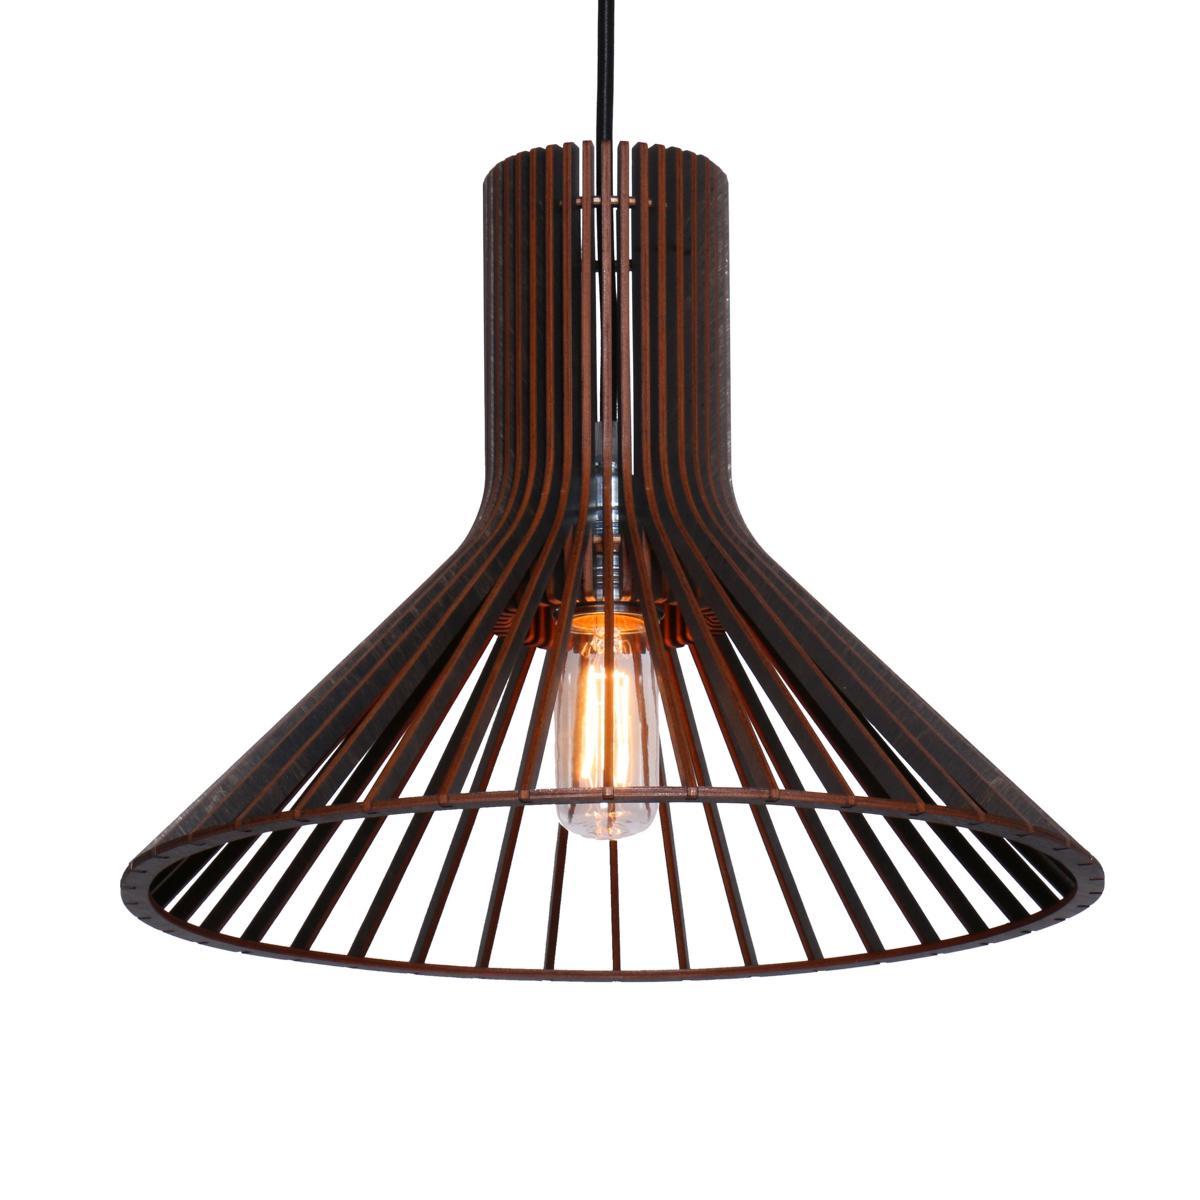 lampe aus holz tolva. Black Bedroom Furniture Sets. Home Design Ideas